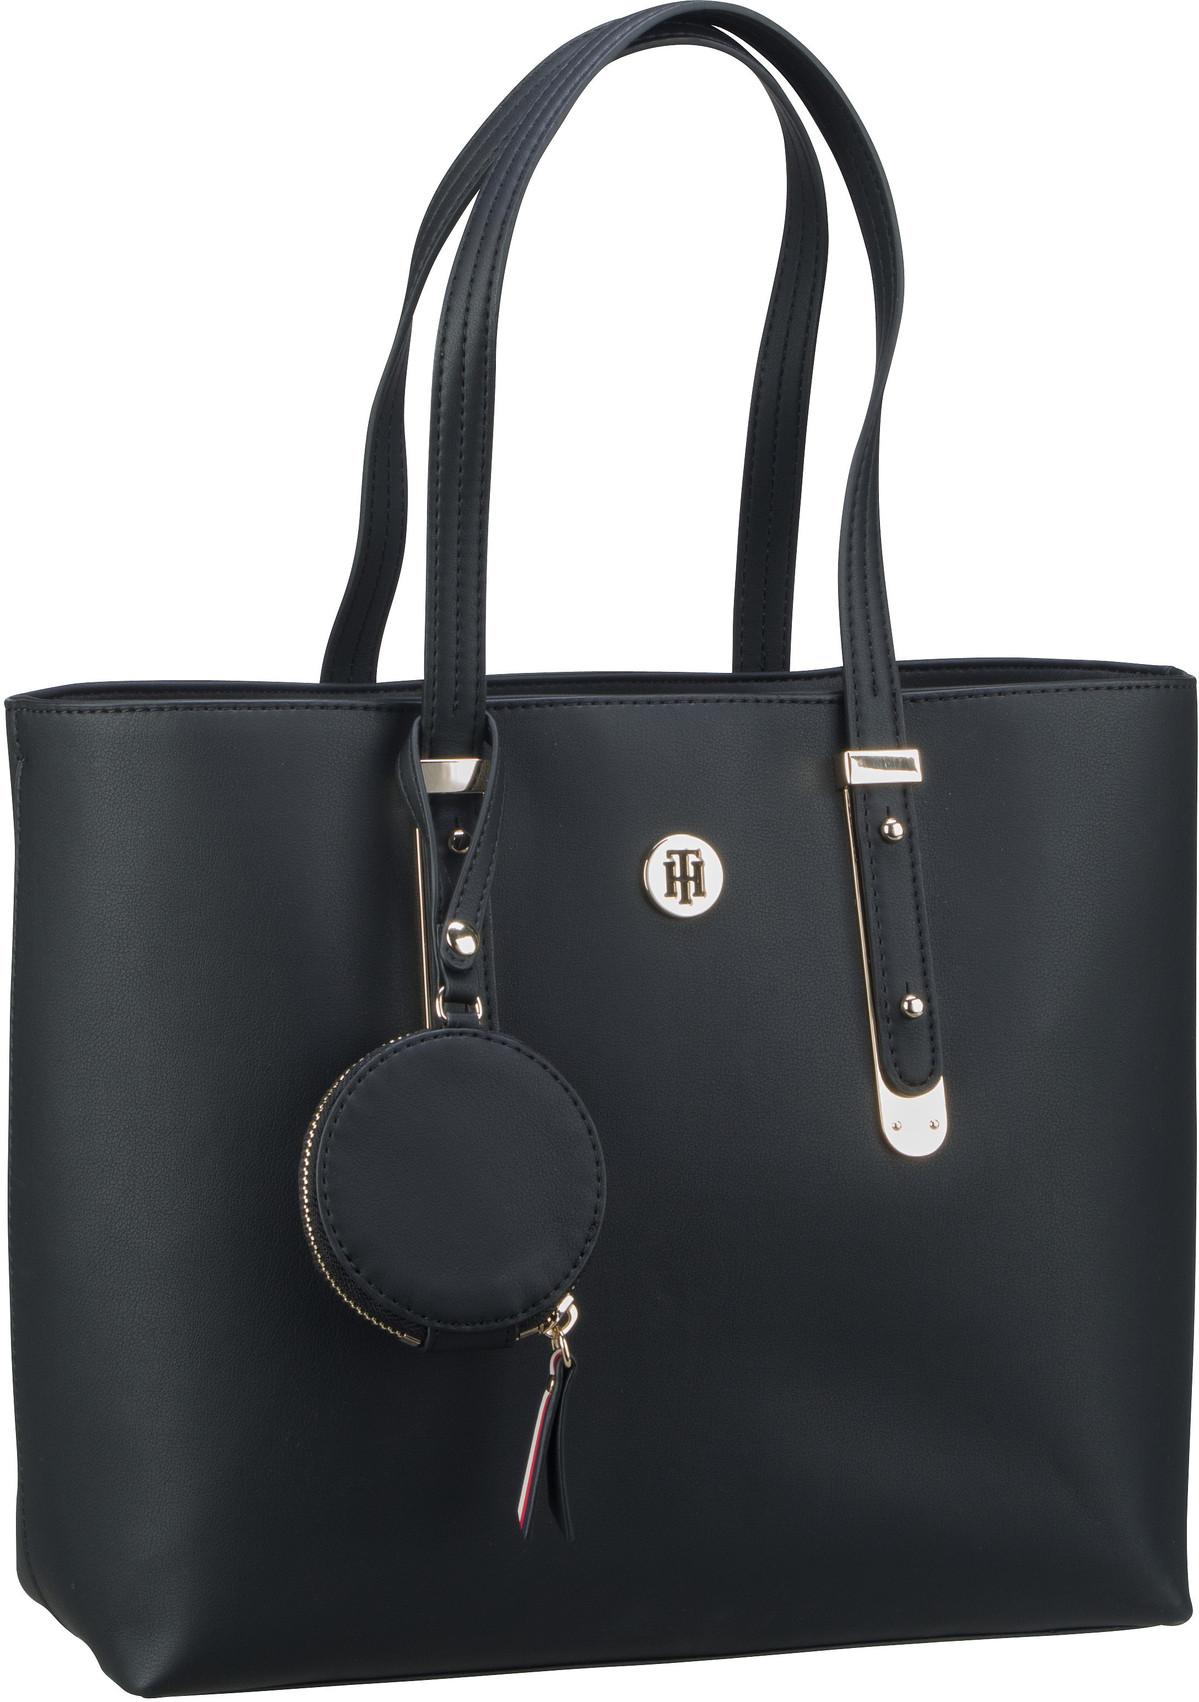 Handtasche SM Modern Hardware Med Tote 7619 Black